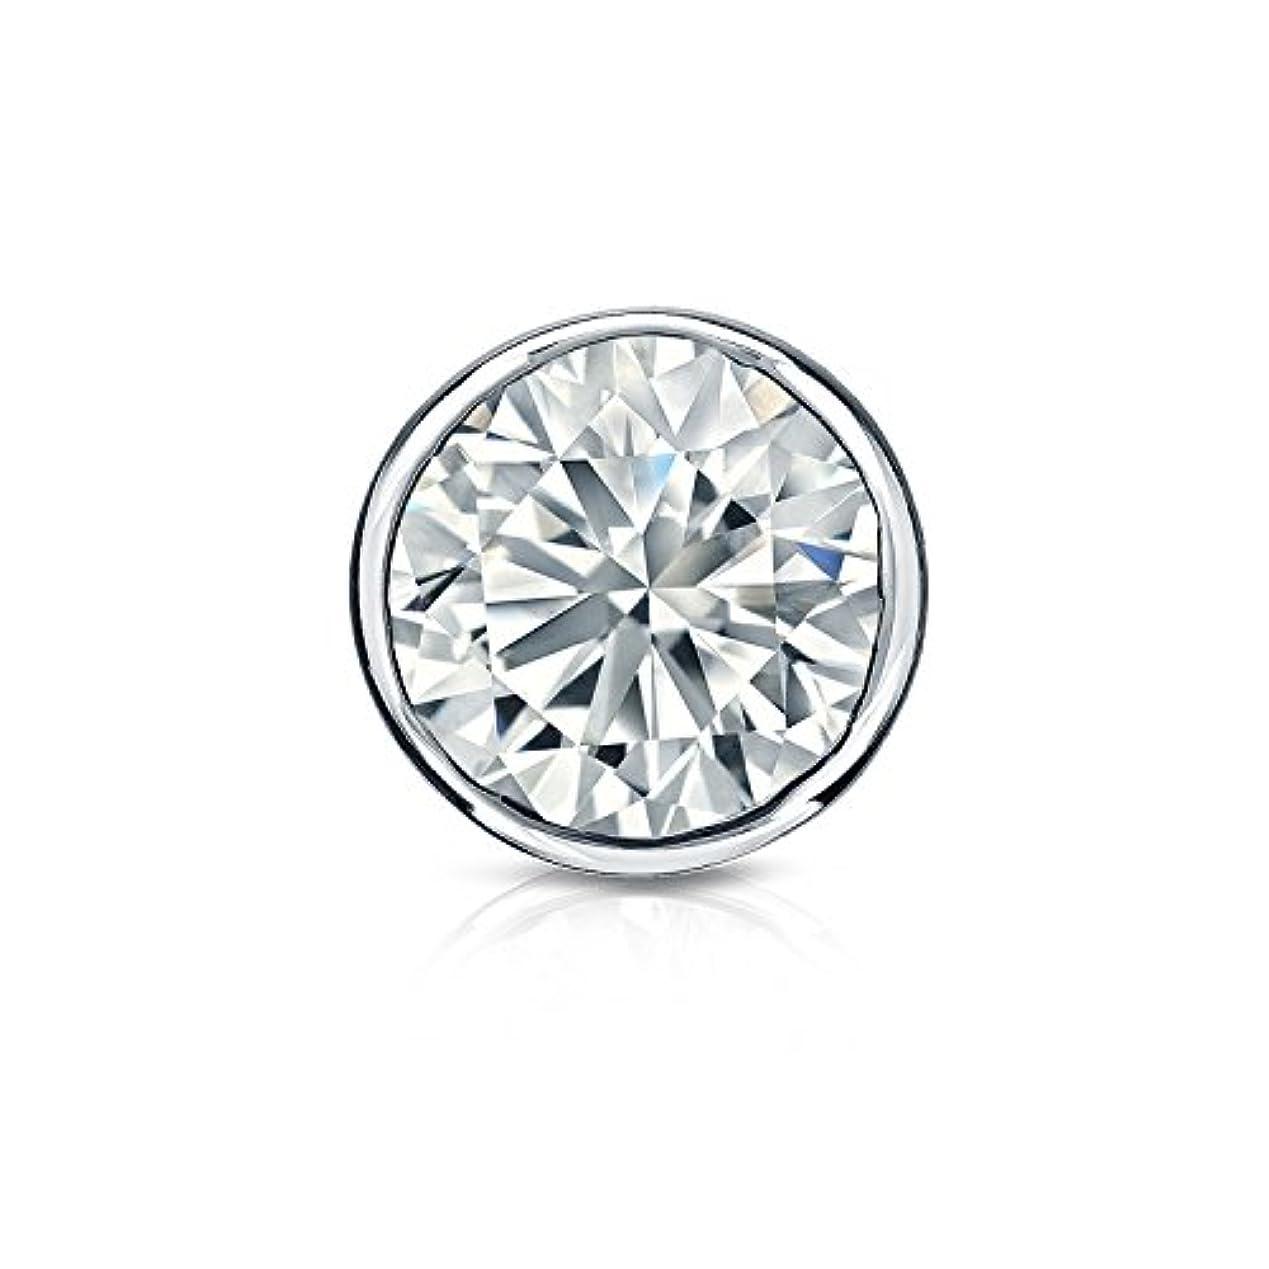 偽善暖かく受信機platinumn bezel-setラウンドダイヤモンドメンズシングルスタッドイヤリング(1 /8 – 1 CT、ホワイト、si1-si2 ) screw-back